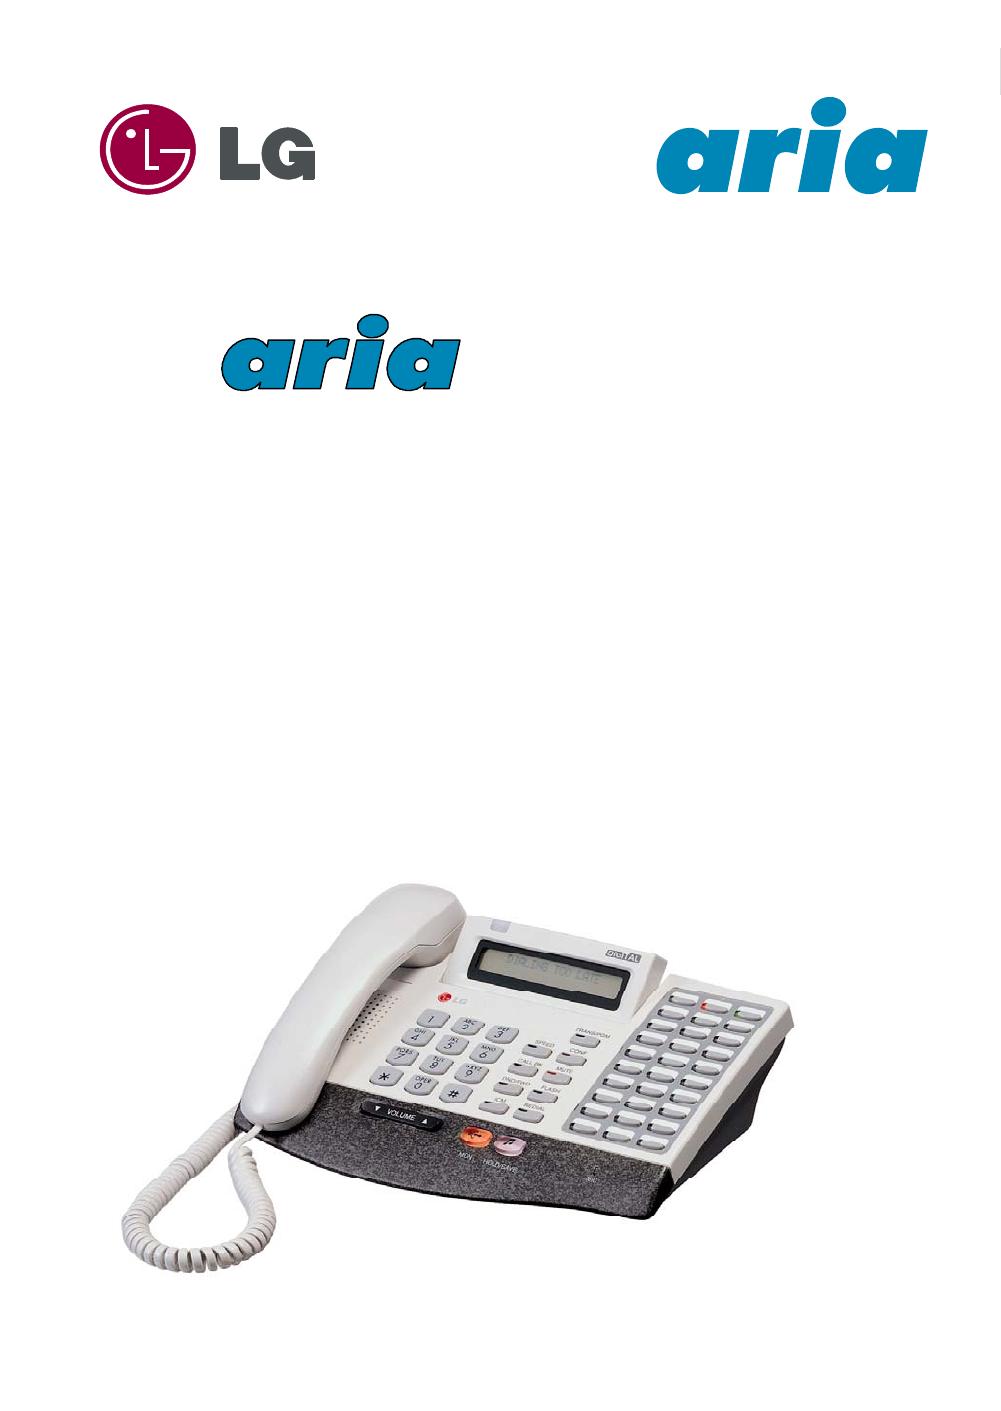 aria 186/ 100/ 34E - DIGITAL KEY TELEPHONE SYSTEM USER GUIDE